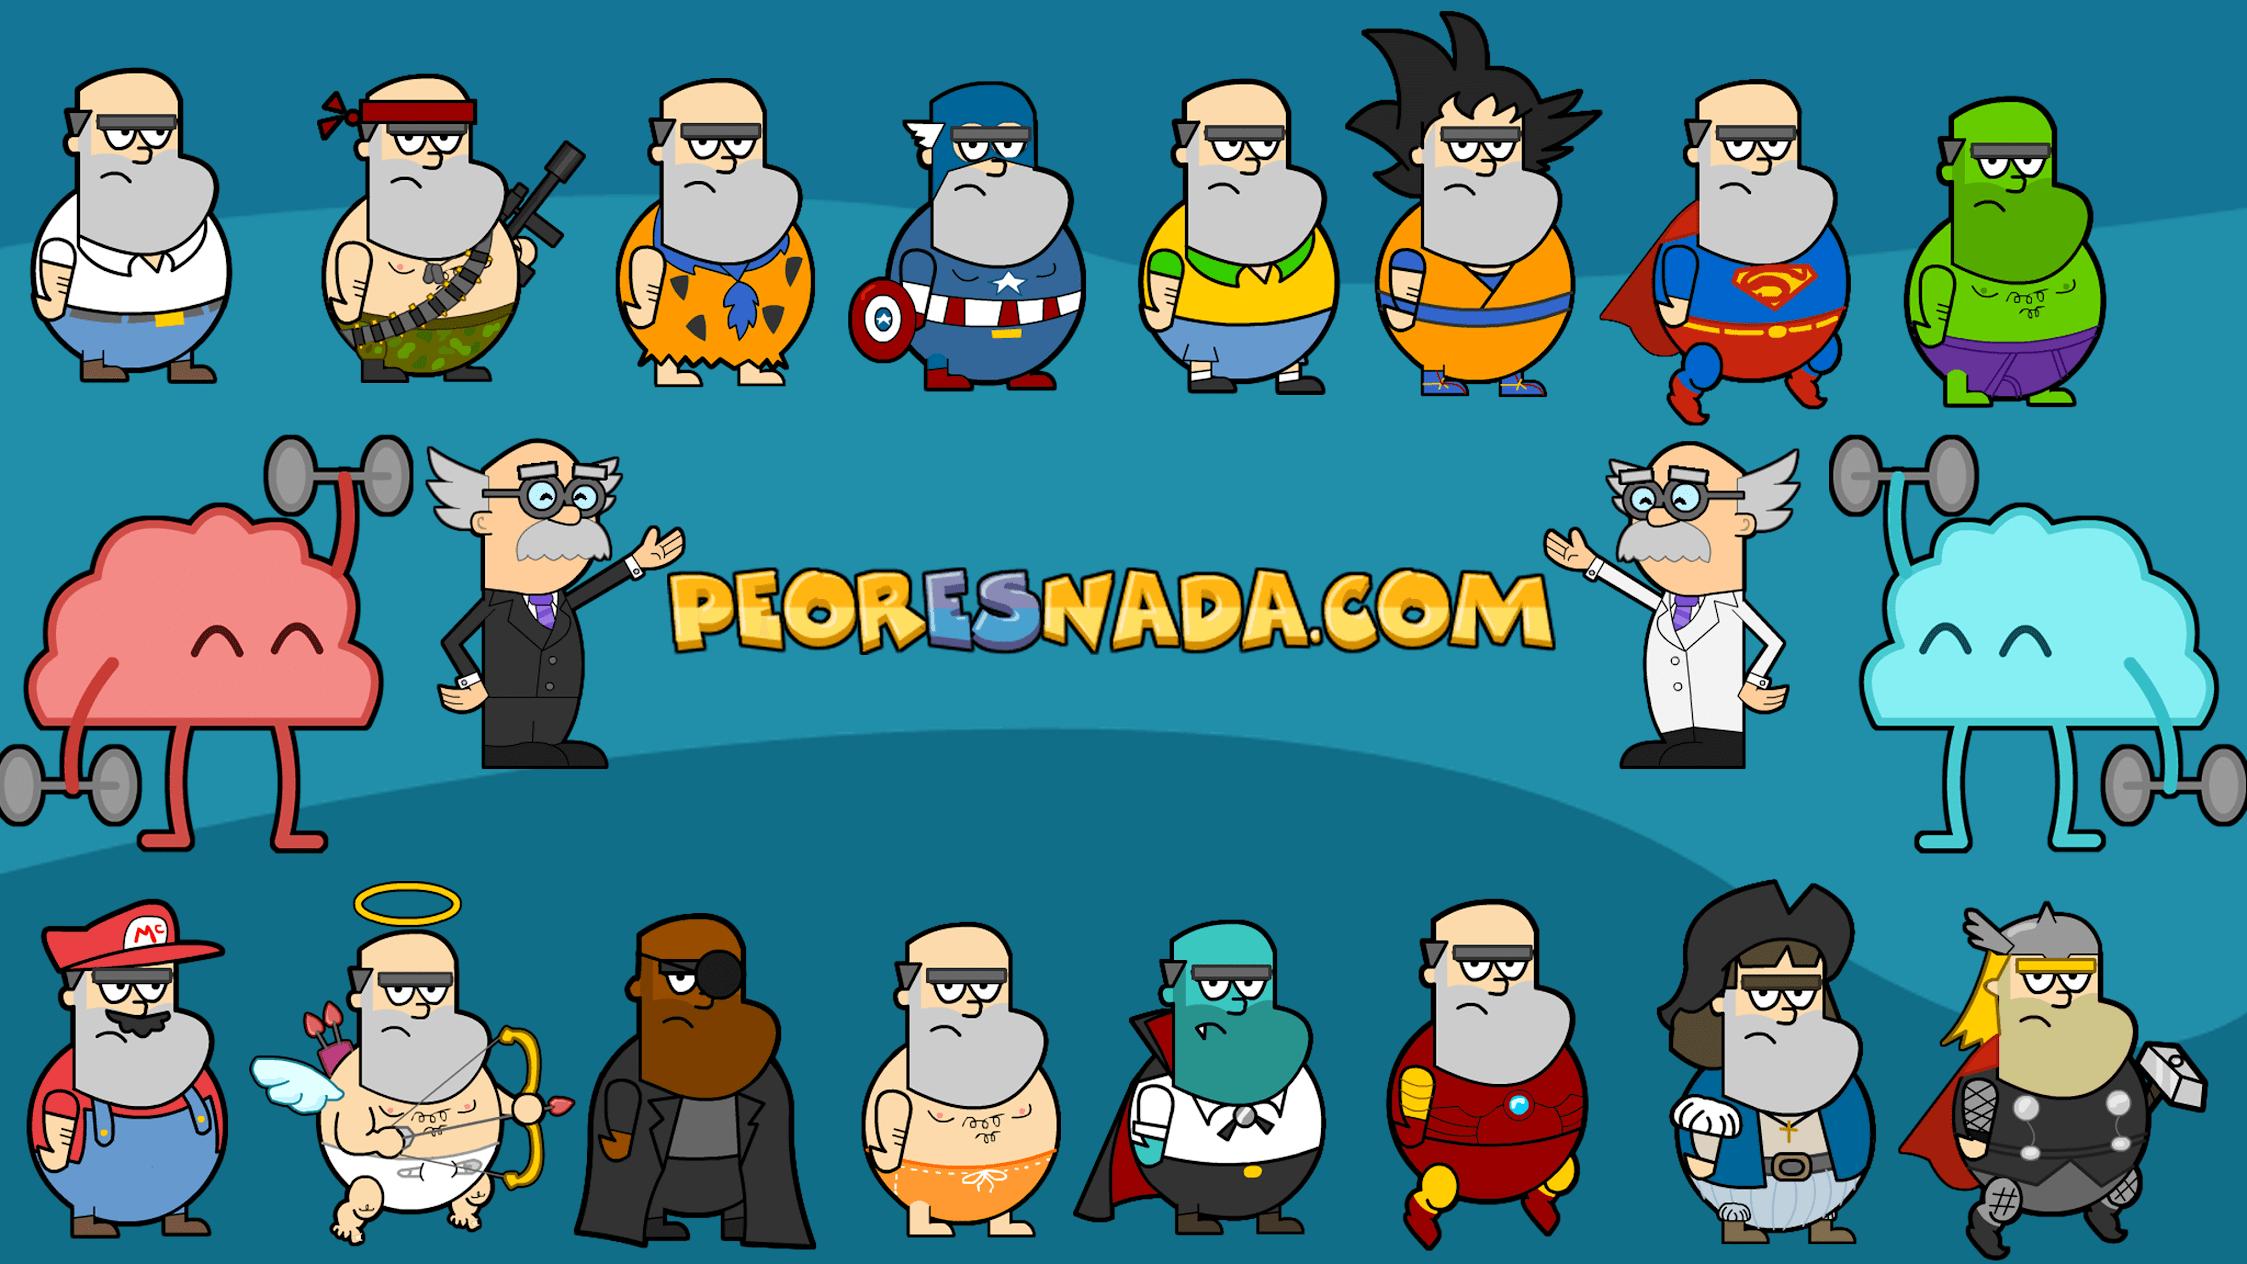 Peoresnada.com